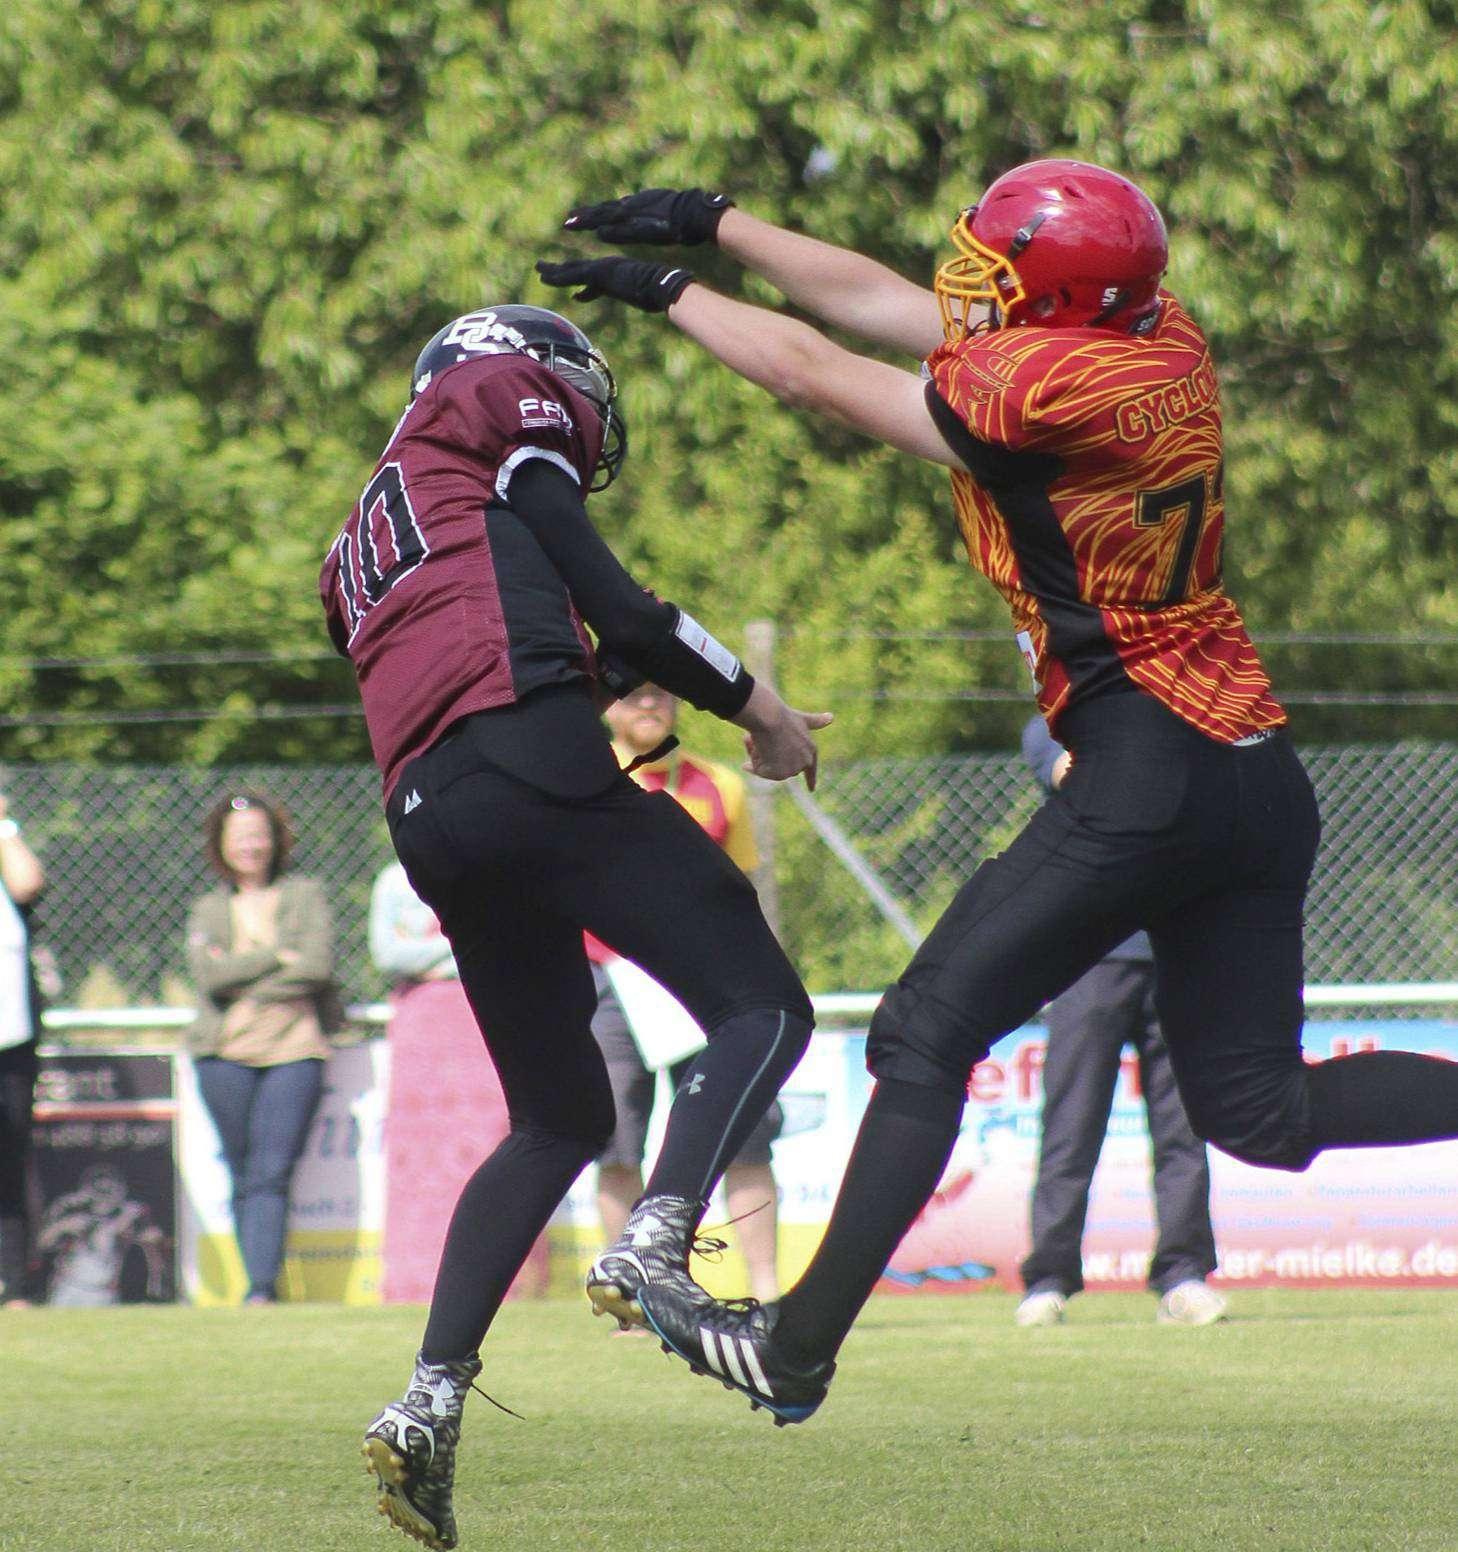 Einige Football-Spiele stehen an. Foto: Holger Adam